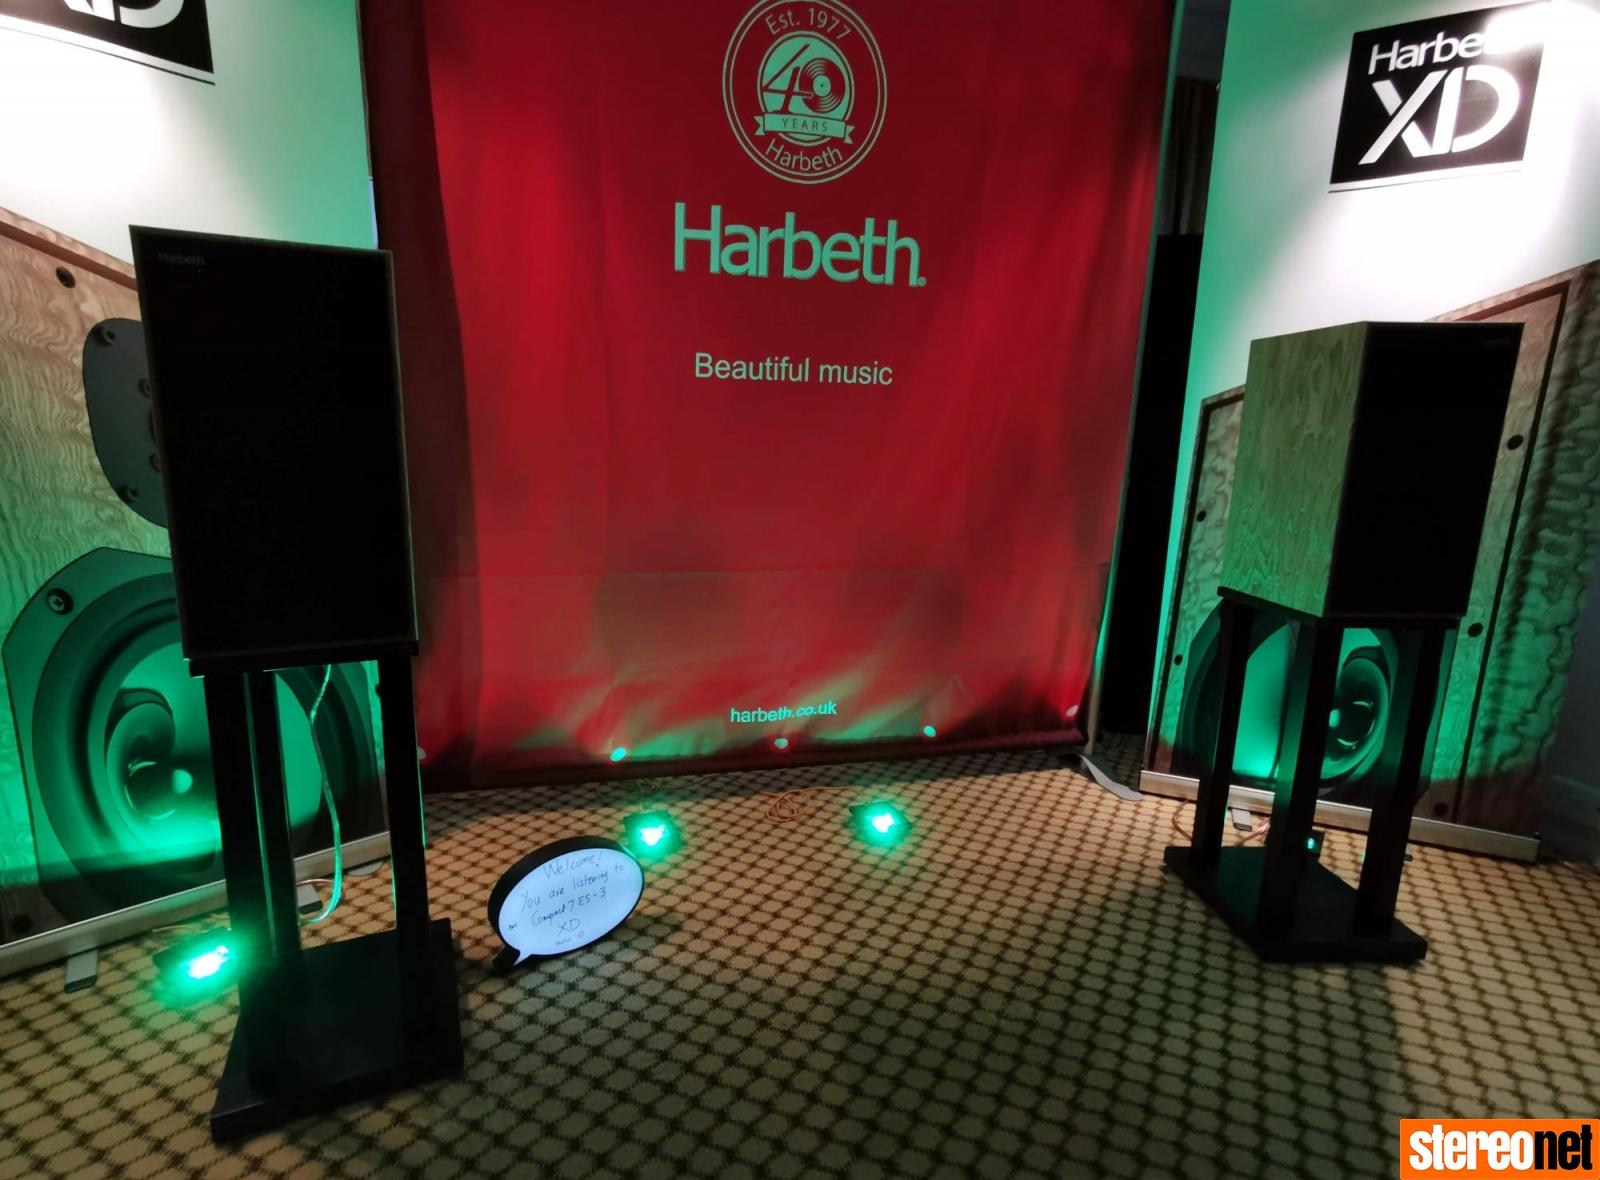 Harbeth XD Bristol hifi show 2020 report